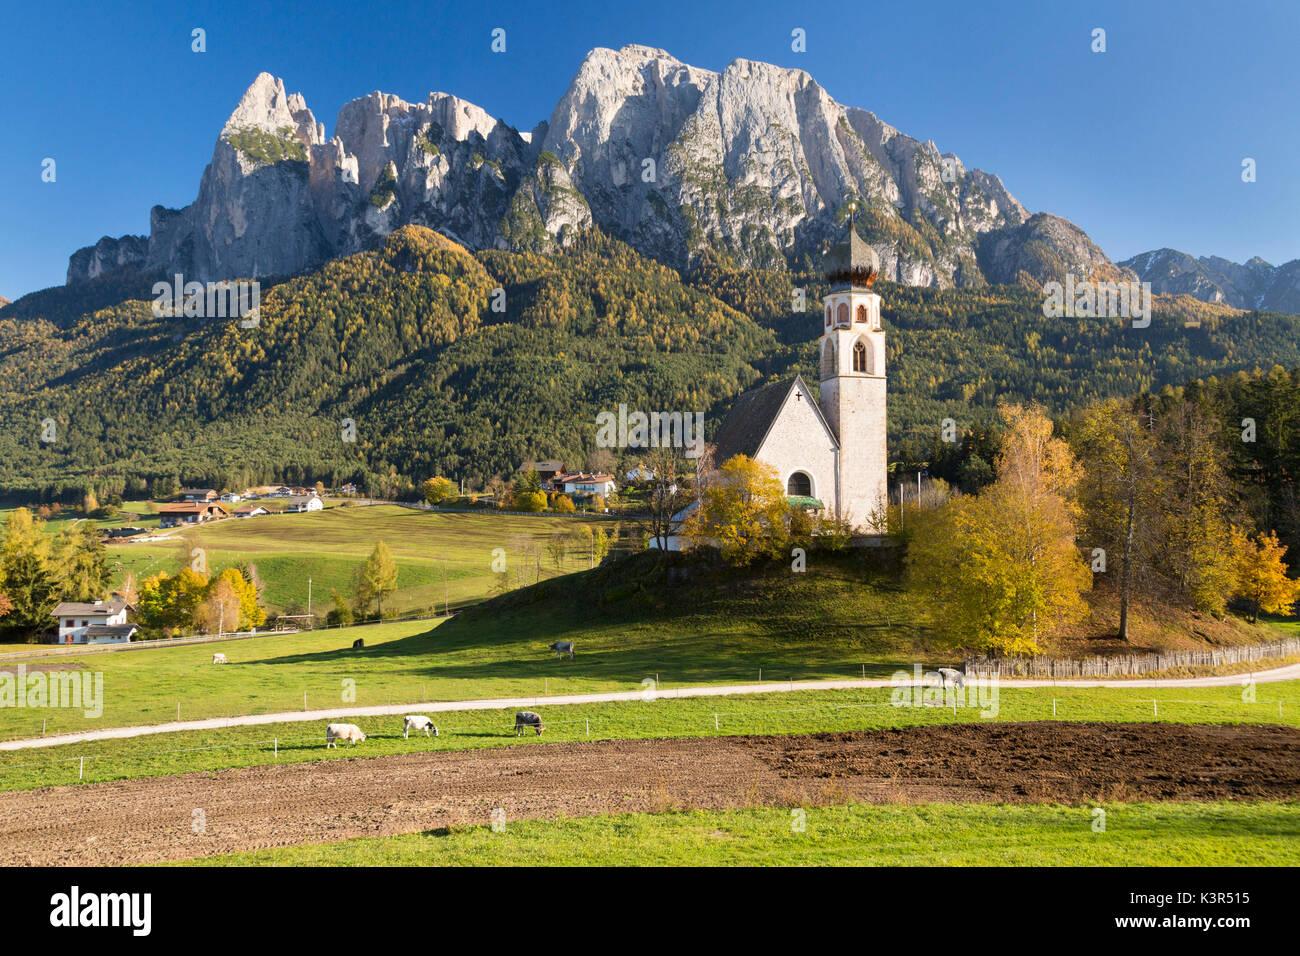 San Costantino, Fiè Allo Sciliar, Trentino Alto Adige, Italy. - Stock Image